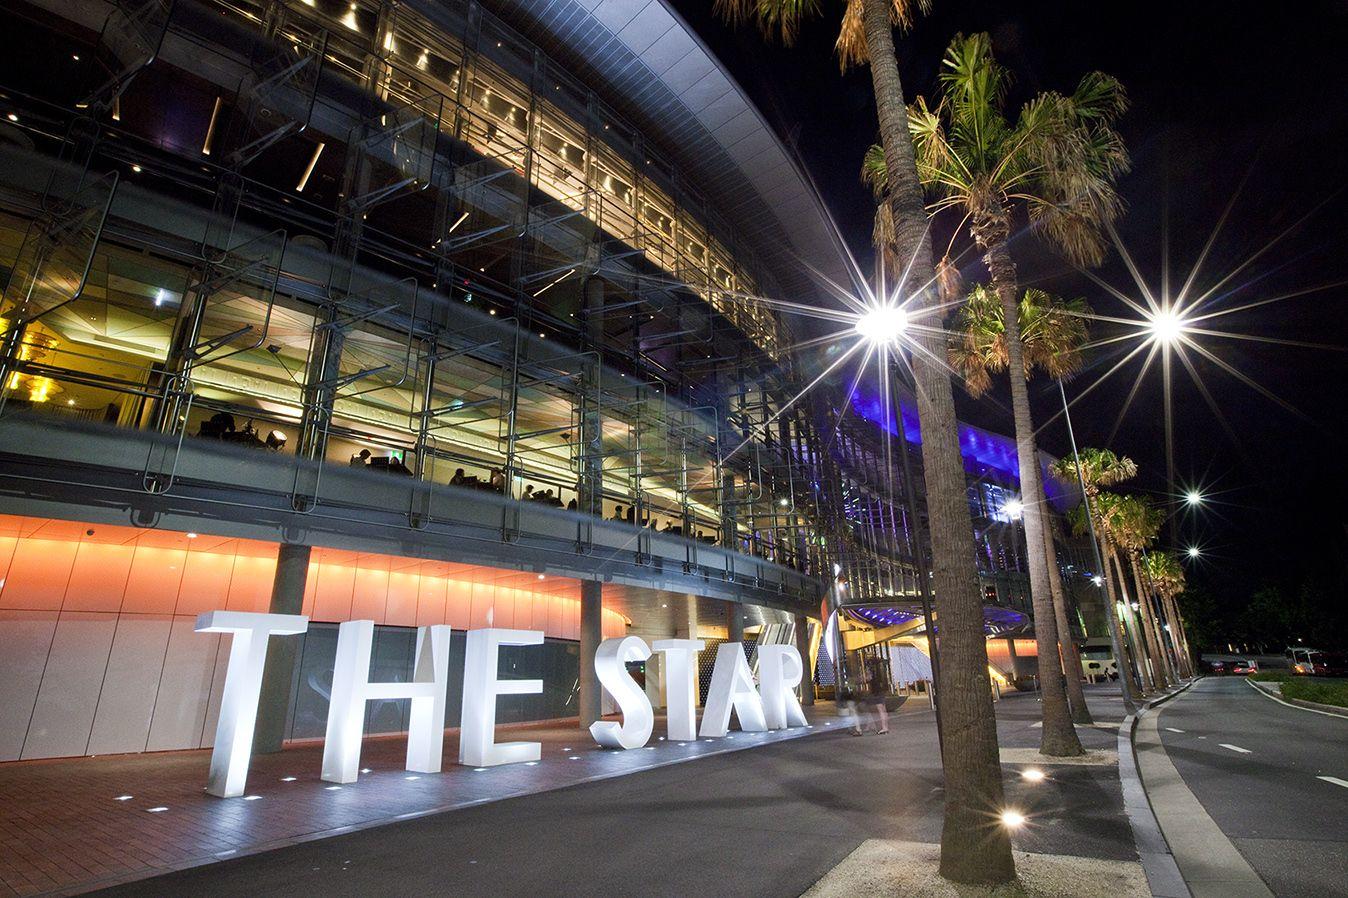 Star casino accommodation sydney